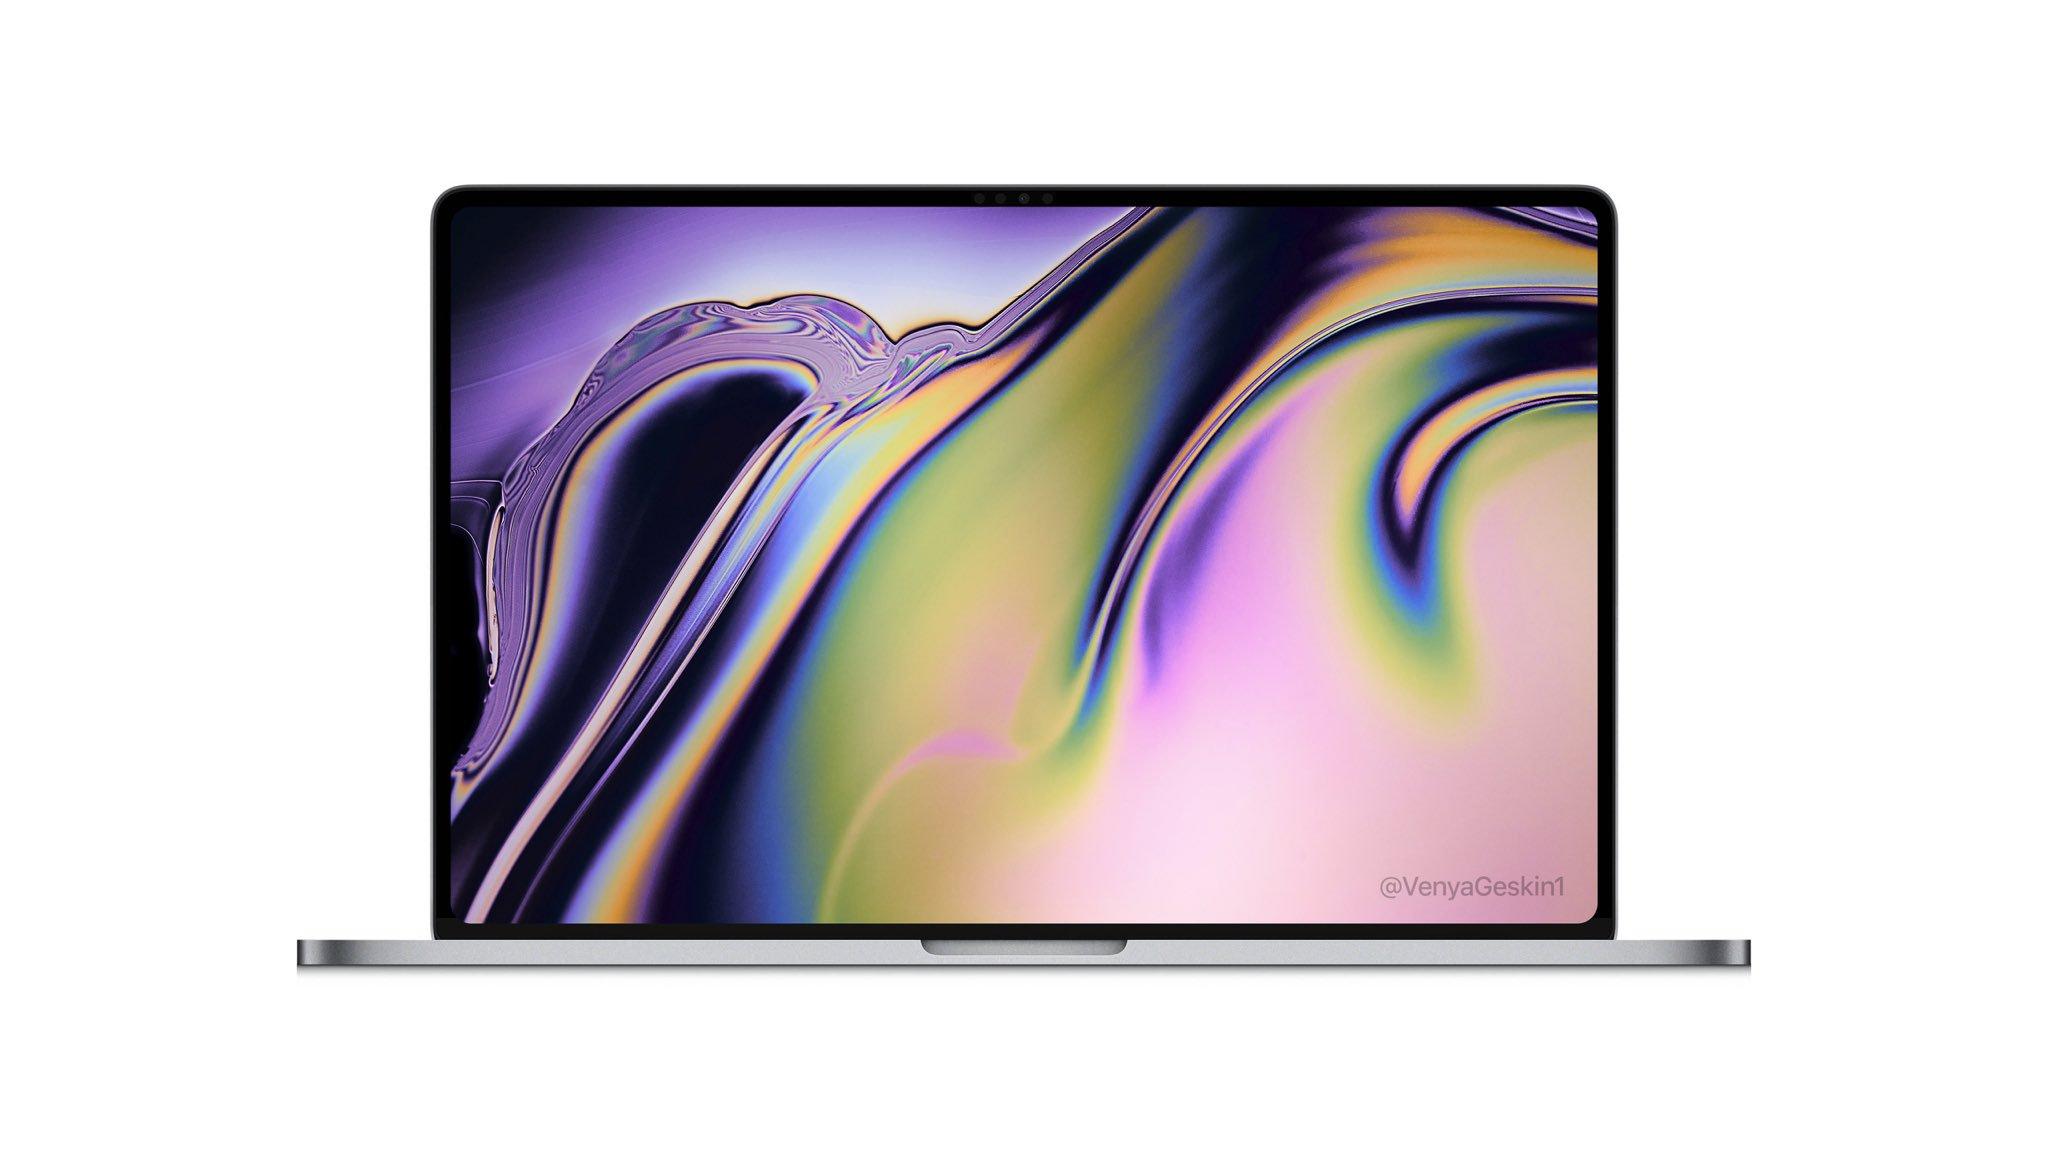 New Macbook Concept